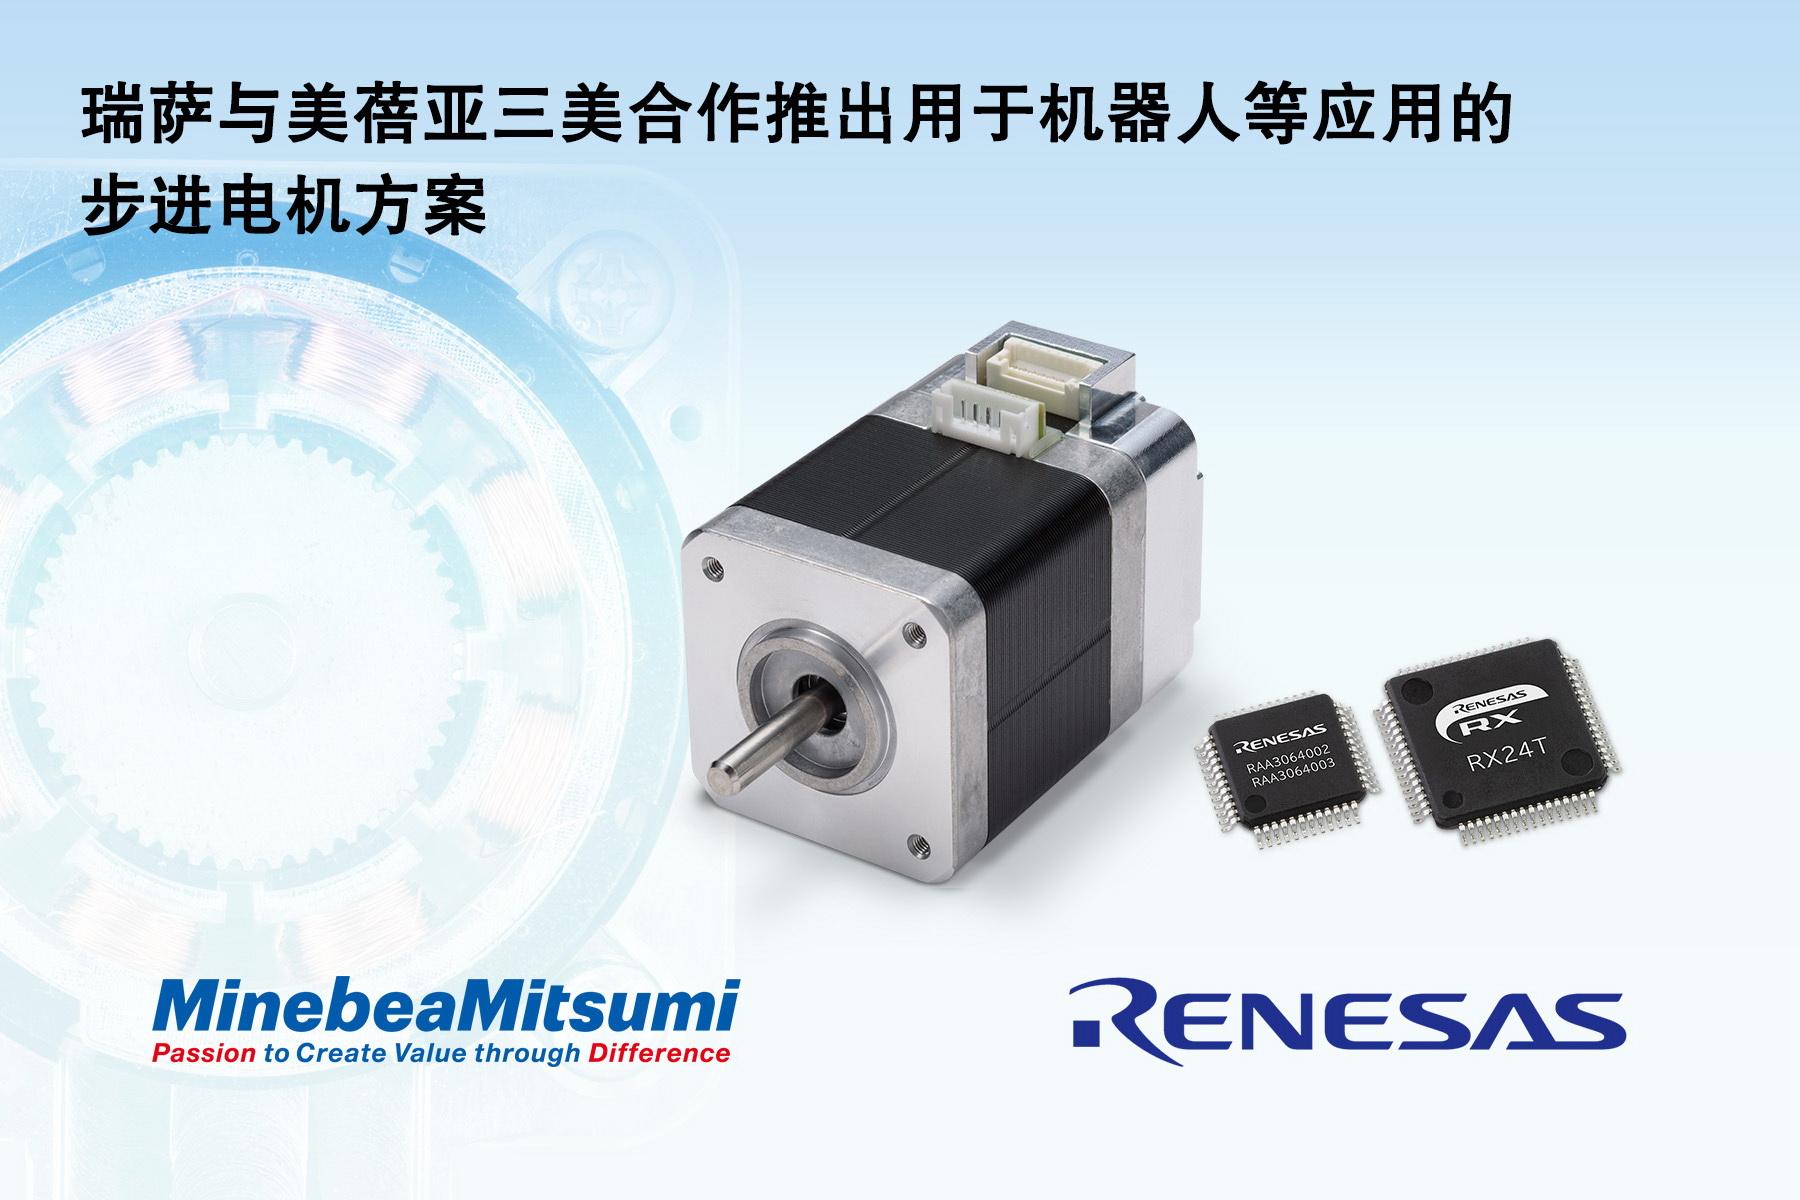 瑞萨电子与美蓓亚三美合作开发用于机器人、OA和医疗/护理设备的步进电机解决方案